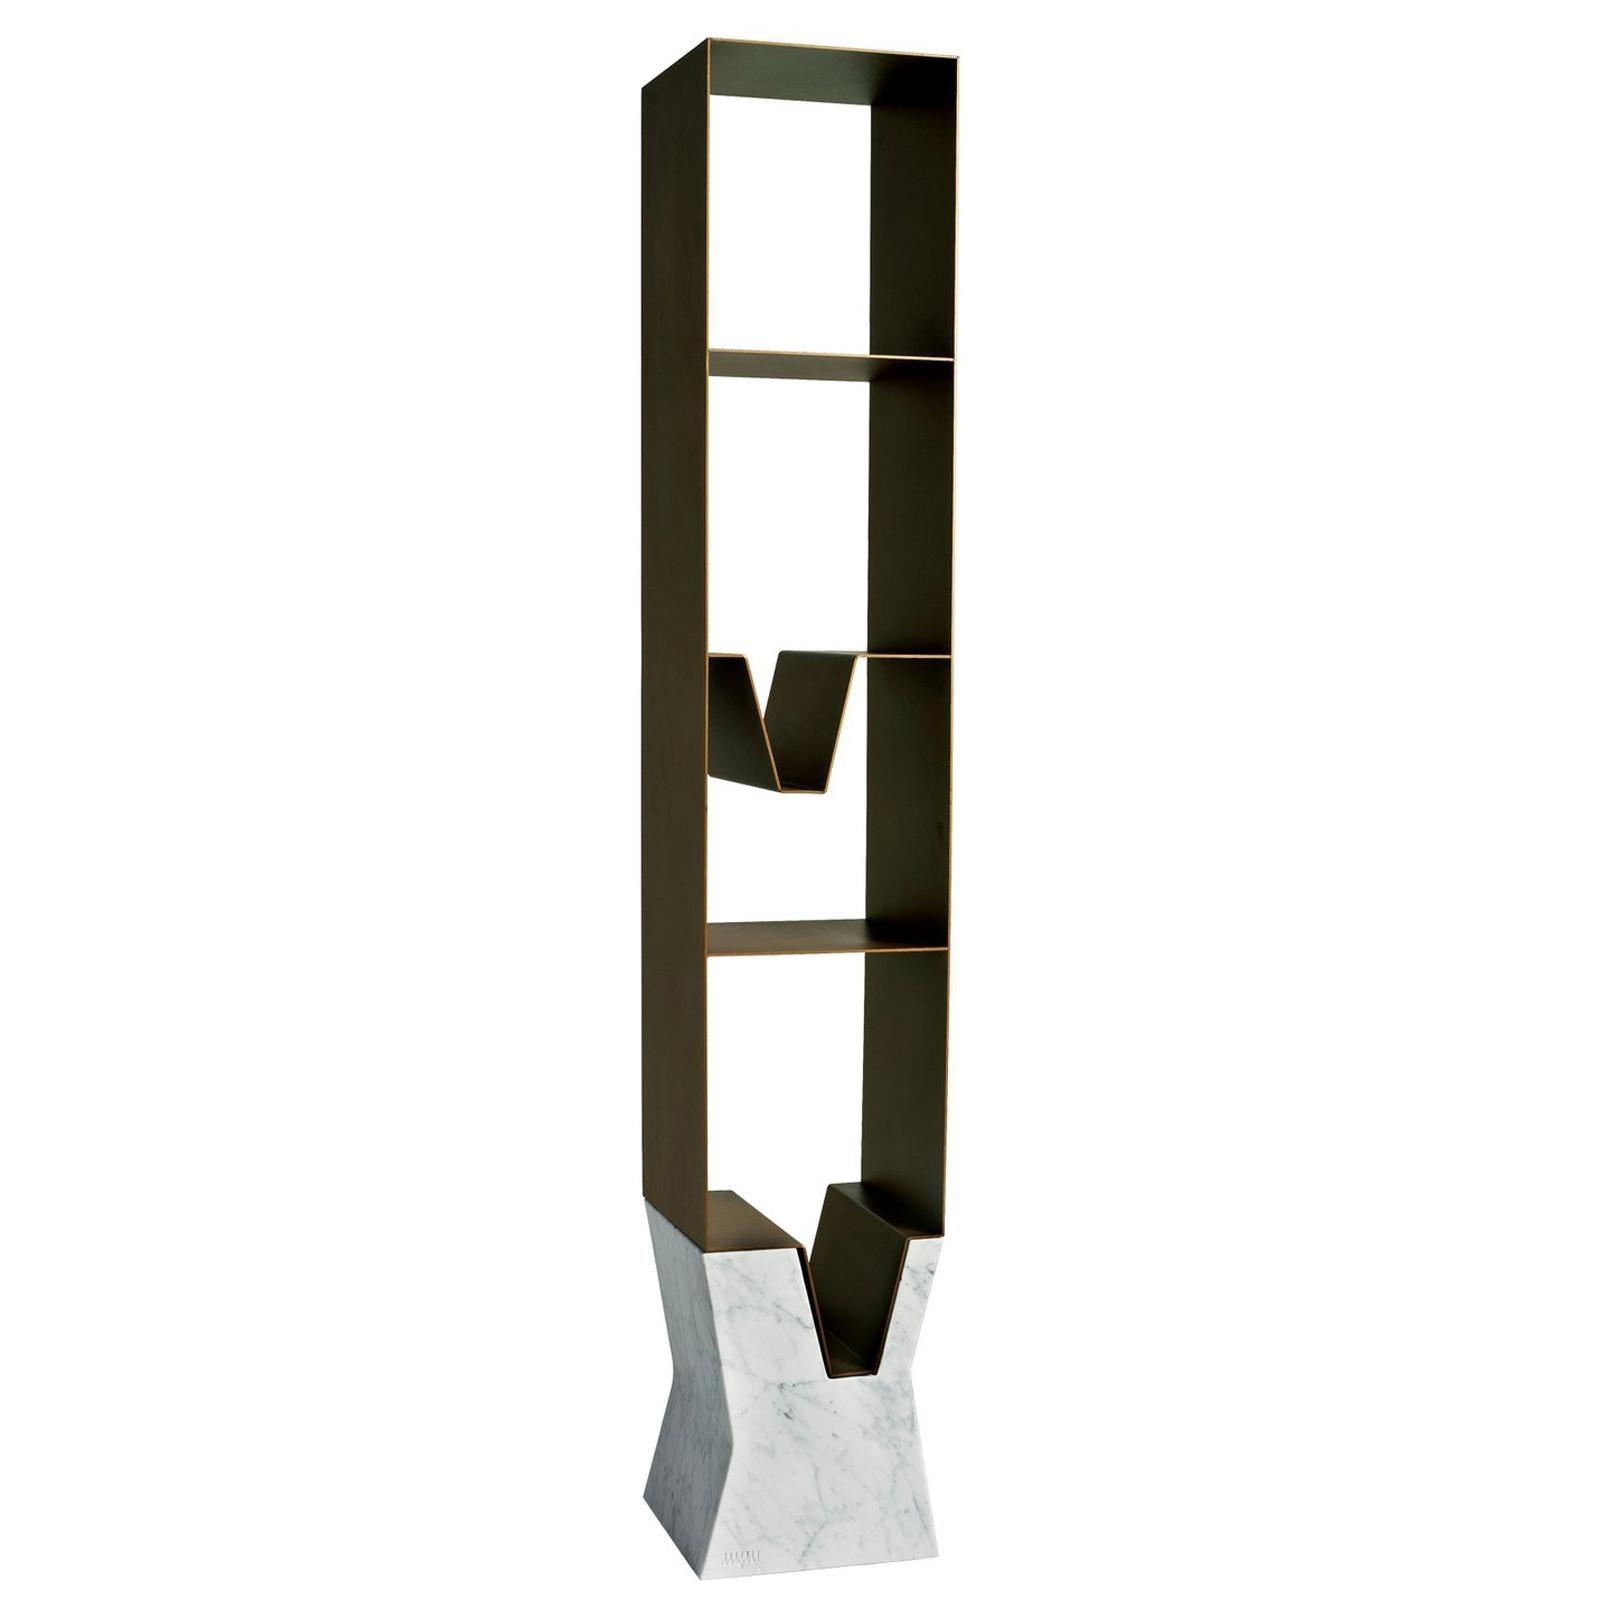 Venezia Bookcase by Paolo Salvadè by MGM Marmi & Graniti